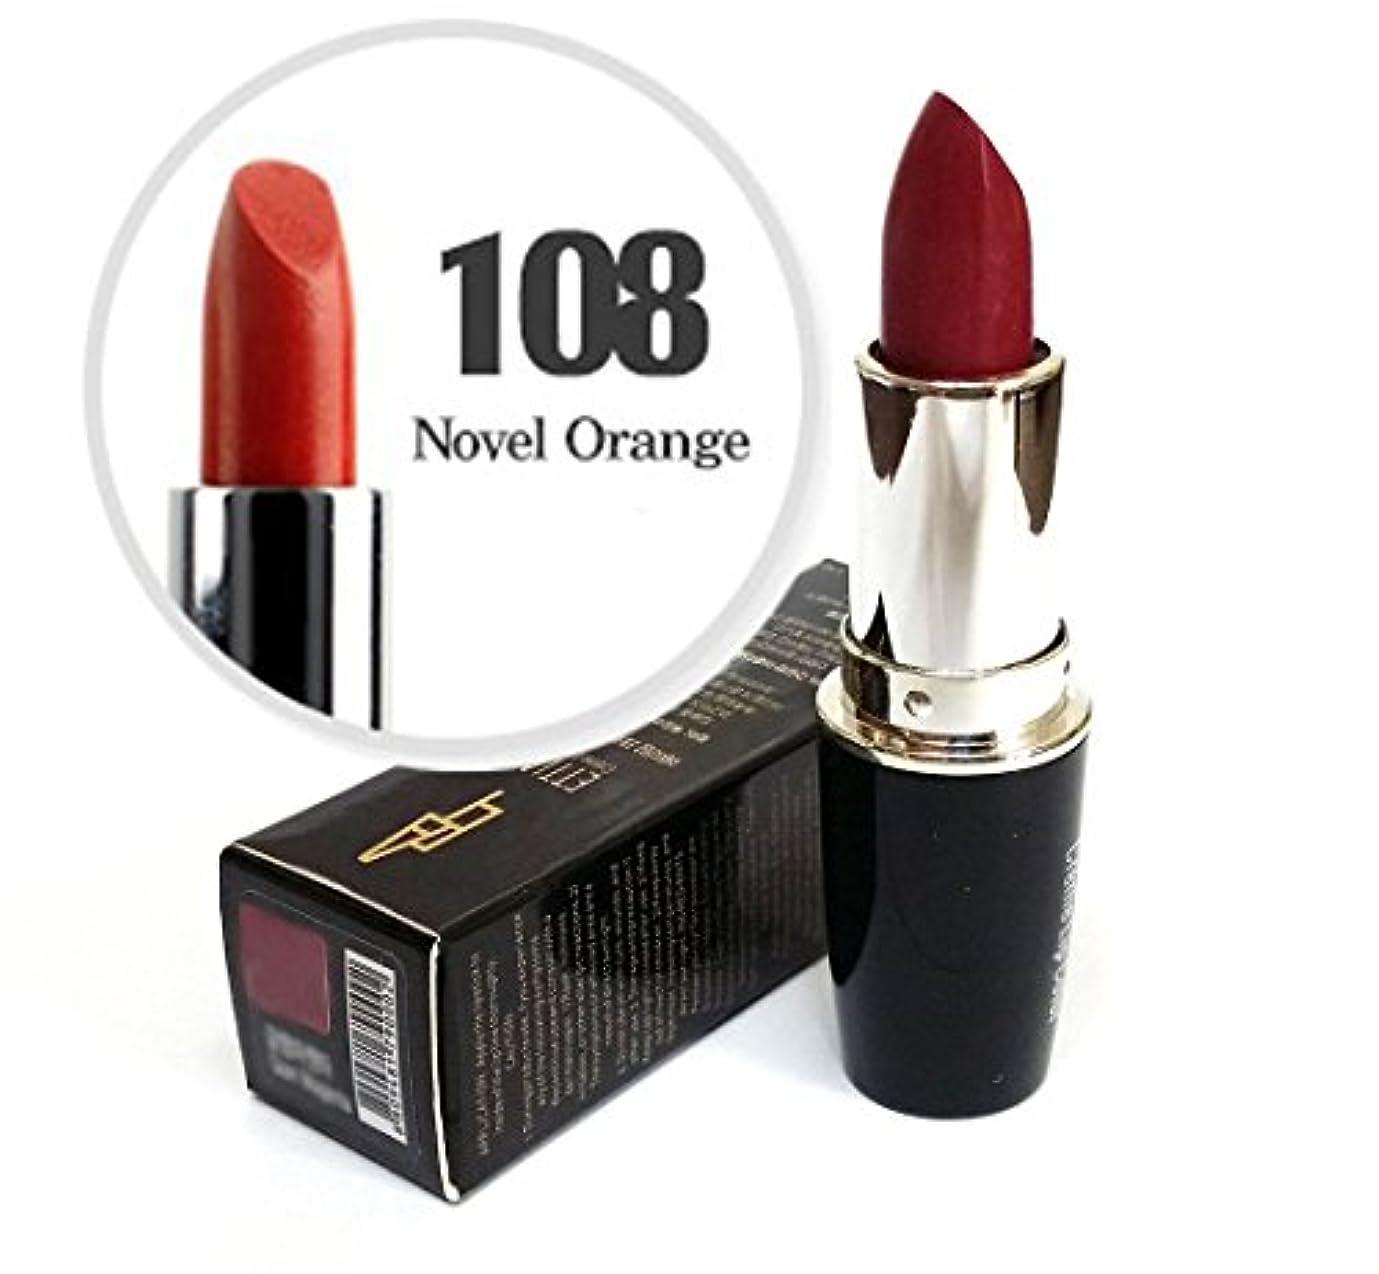 主張ディスク美人[Ettian] クリームリップカラー3.5g / Cream Lip Color 3.5g / 新しい口紅 #108小説オレンジ/ New Lipstick #108 Novel Orange / ドライ感じることはありません / never feels dry / 韓国化粧品 / Korean Cosmetics [並行輸入品]